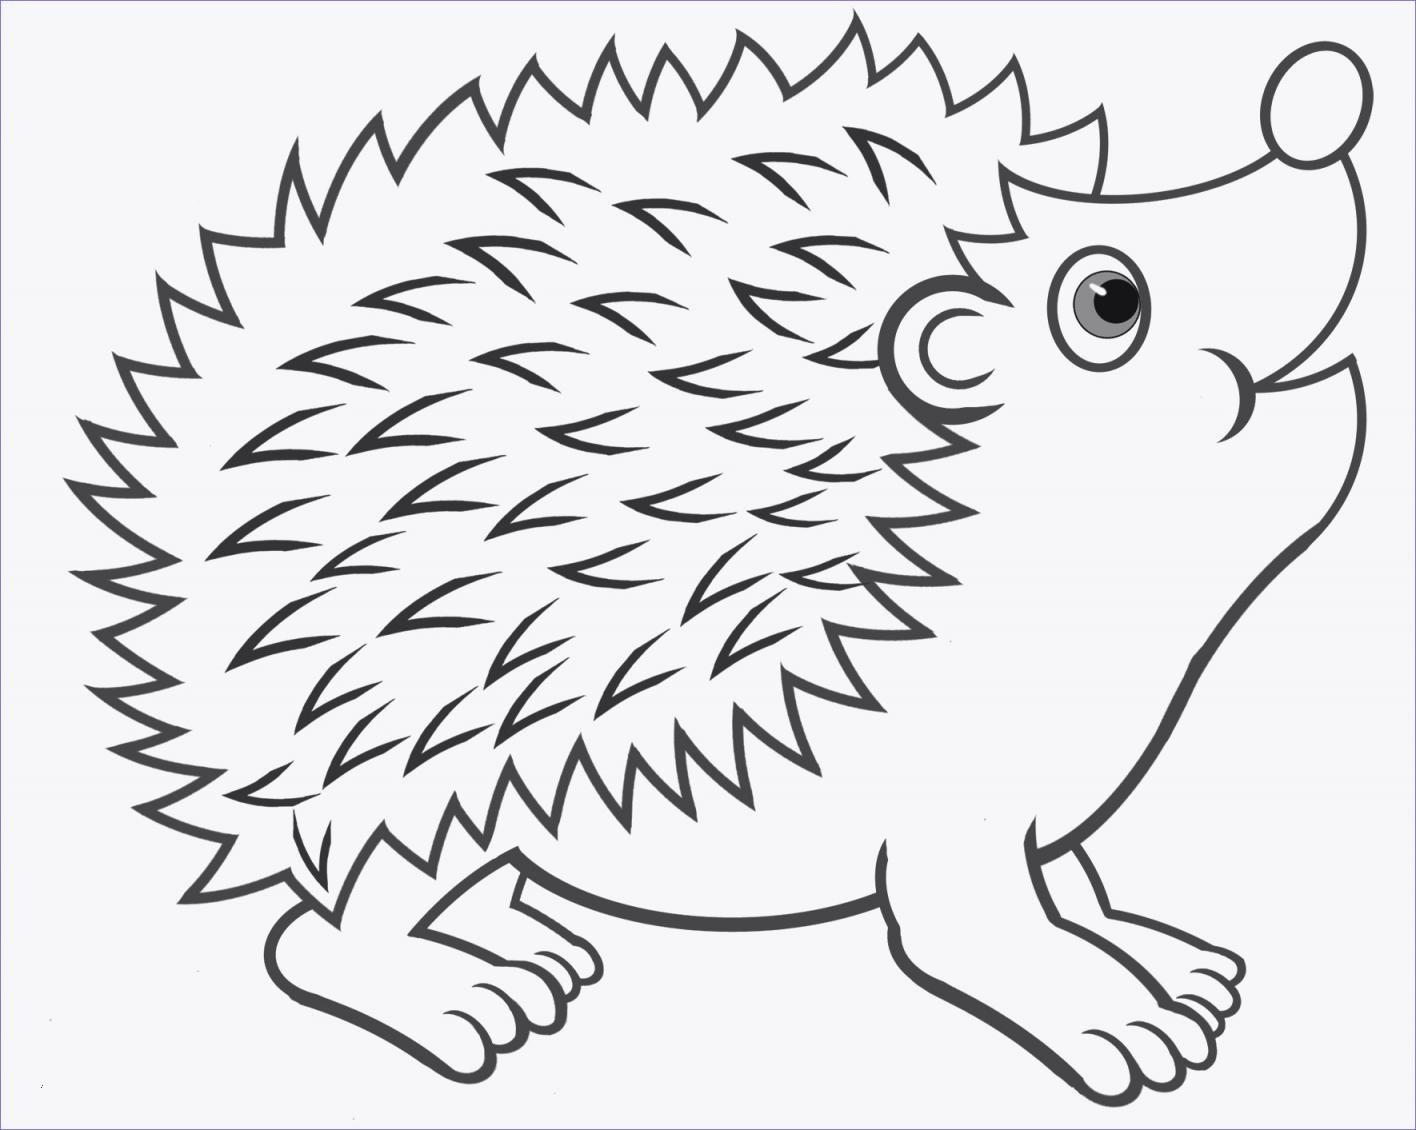 Ausmalbilder Katzen Und Hunde Genial Katzen Ausmalbilder Zum Ausdrucken Best ford Mustang Ausmalbilder Stock